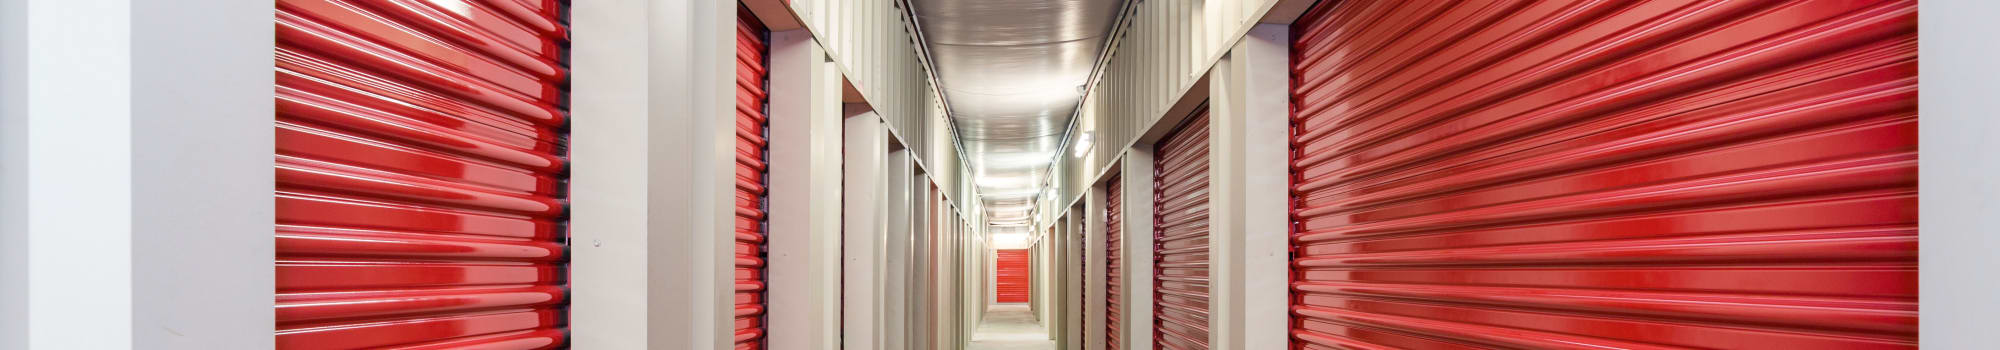 Storage at Convenient Self Storage in Little Rock, Arkansas